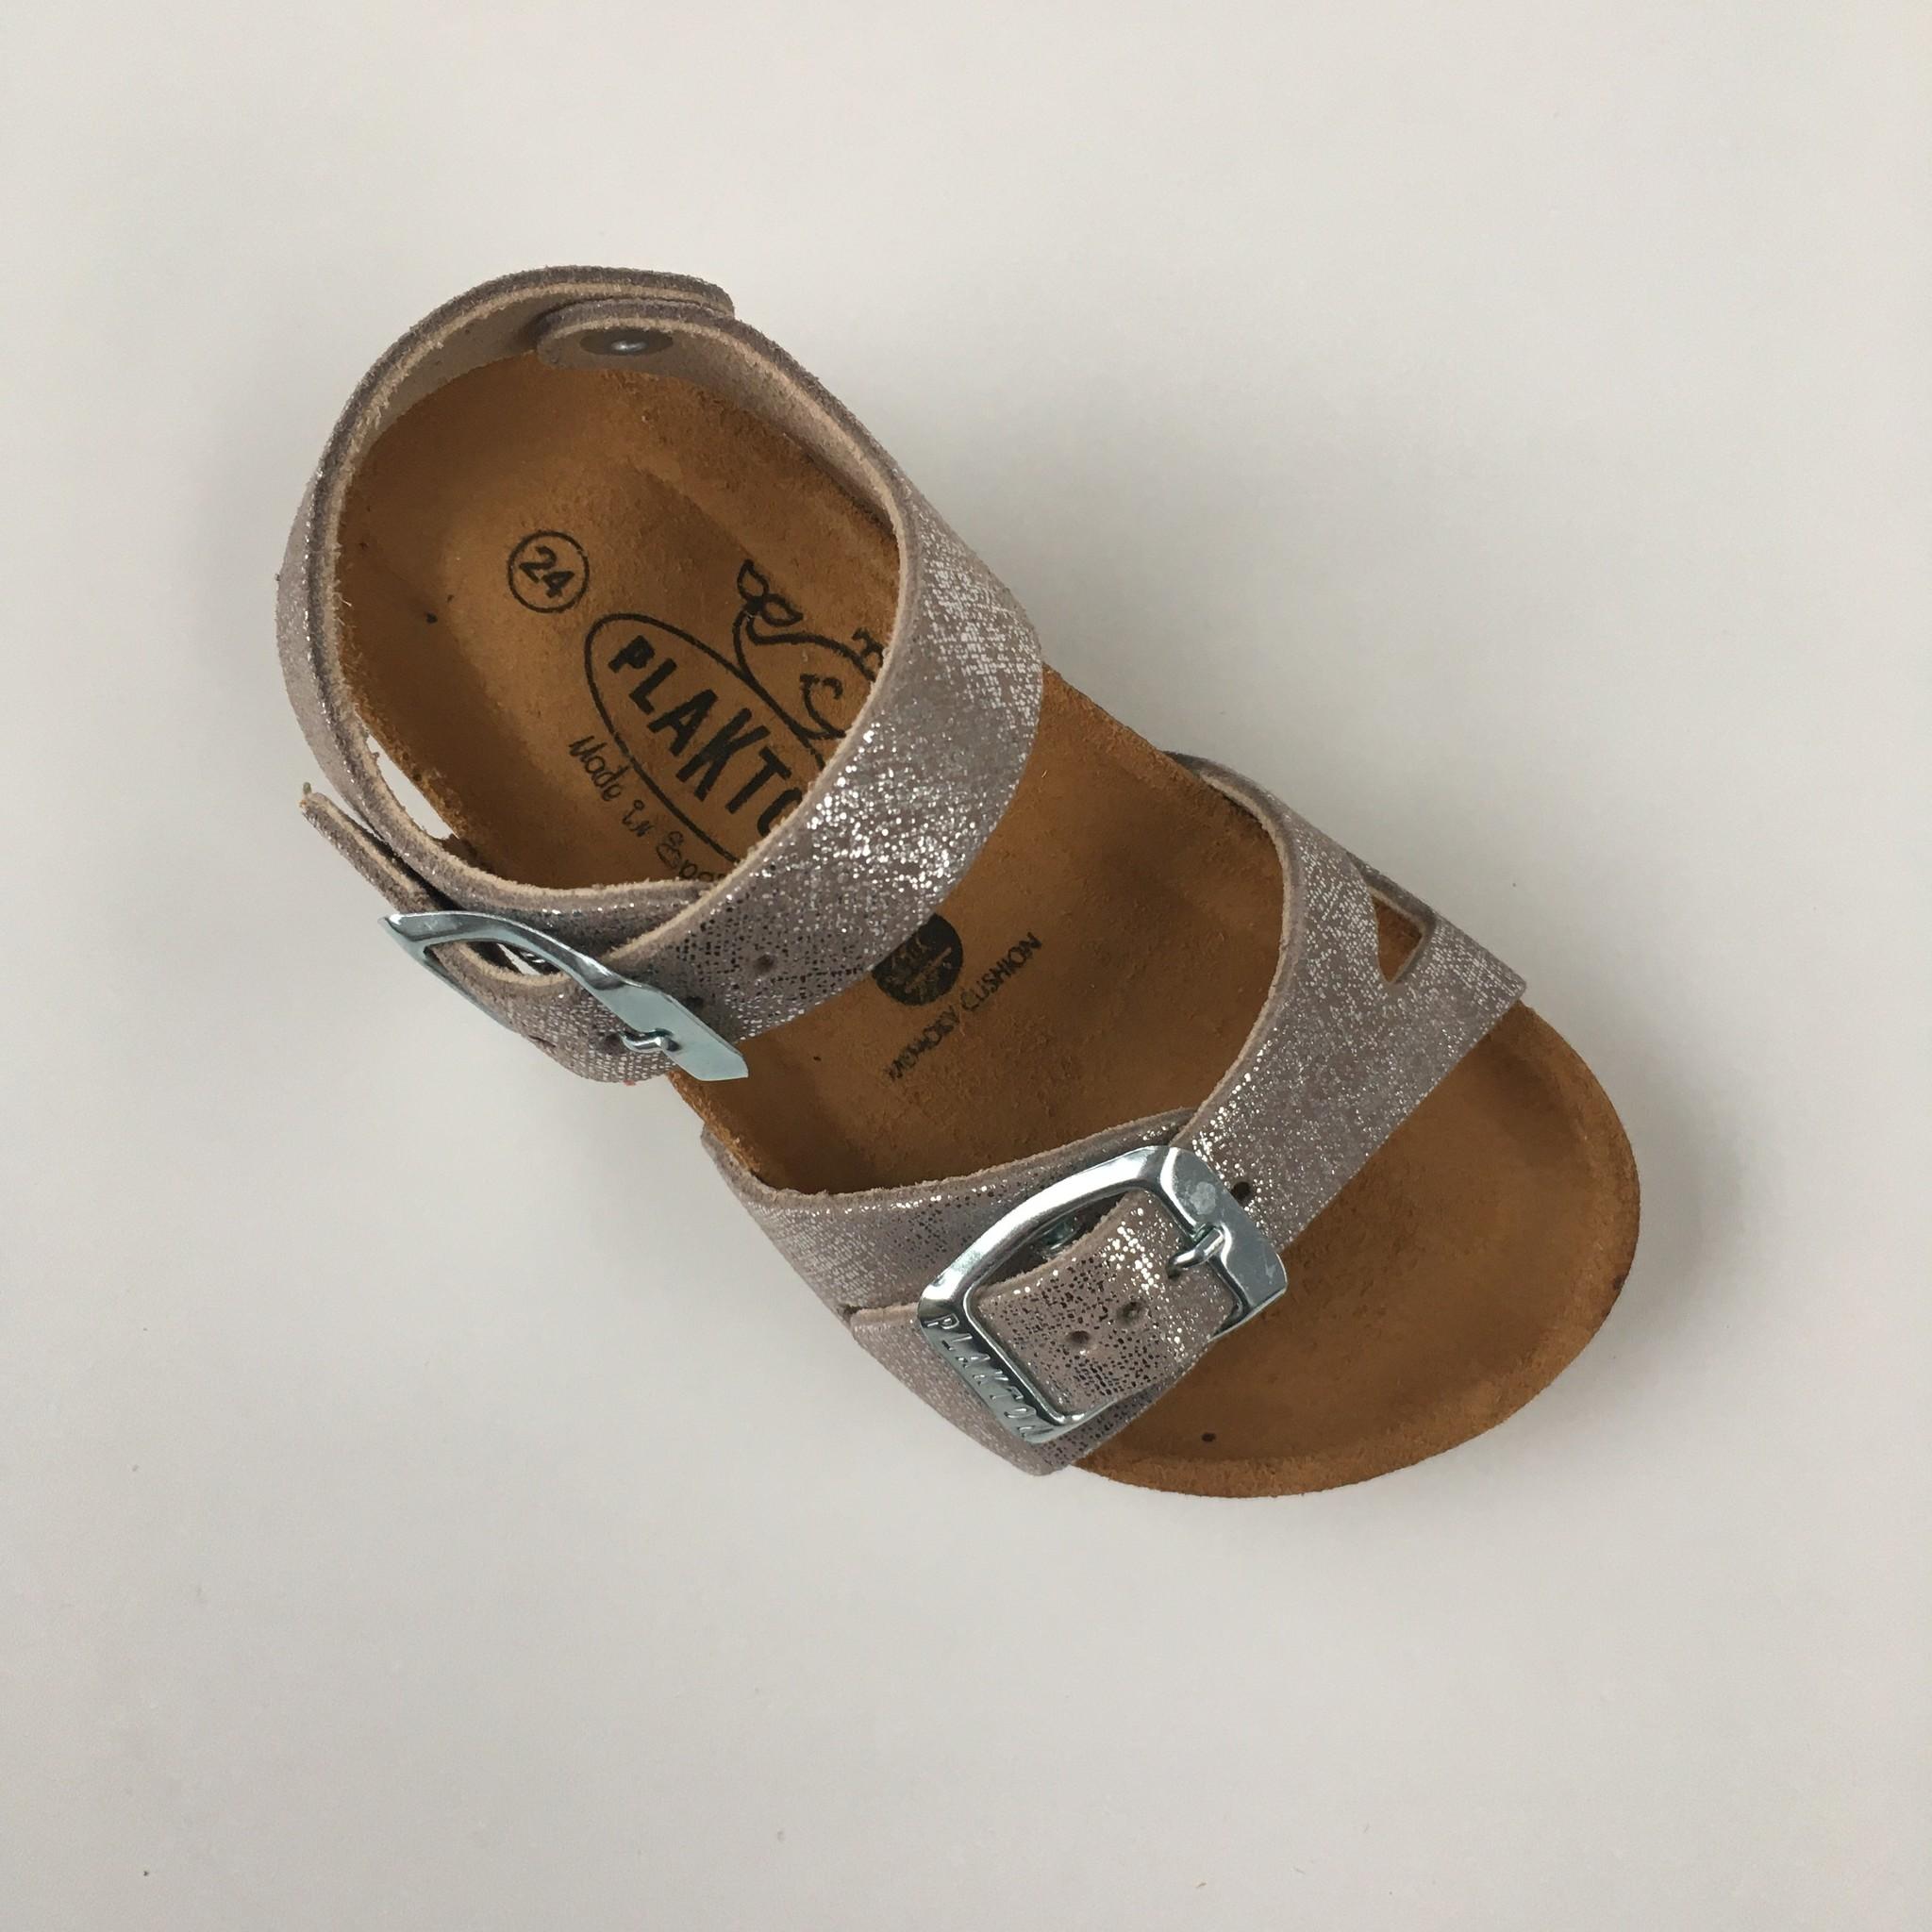 PLAKTON SANDALS leather cork sandal child LISA - silver color - 24 to 35